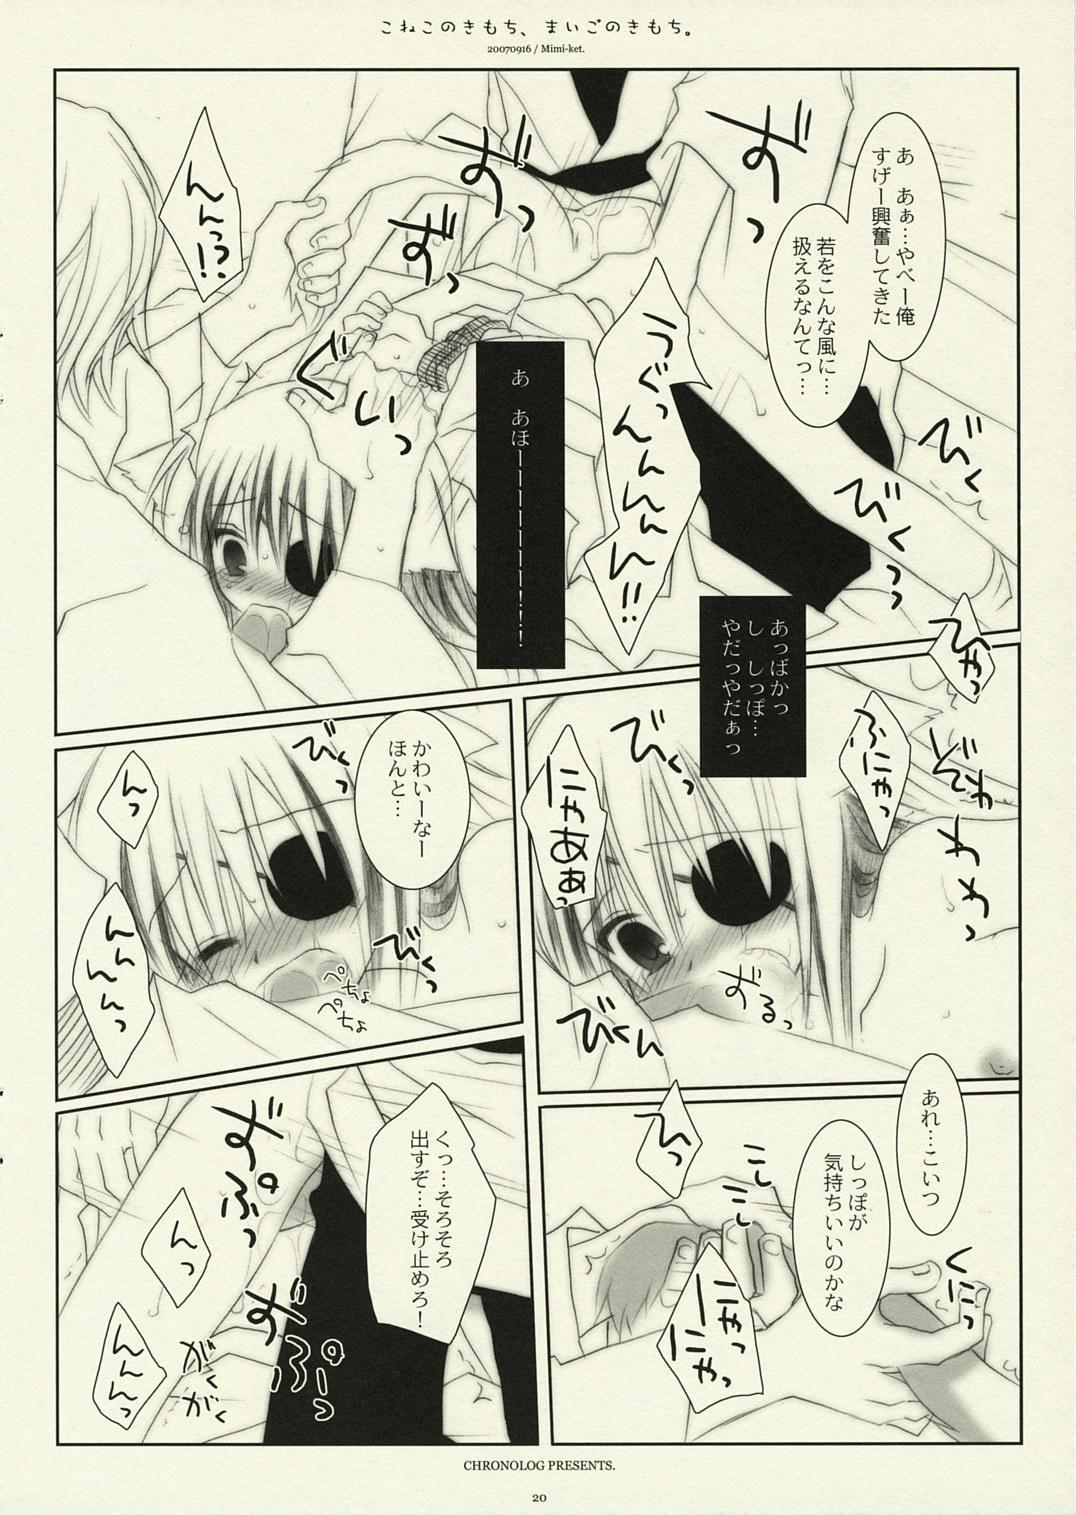 Koneko no Kimochi, Maigo no Kimochi. 18